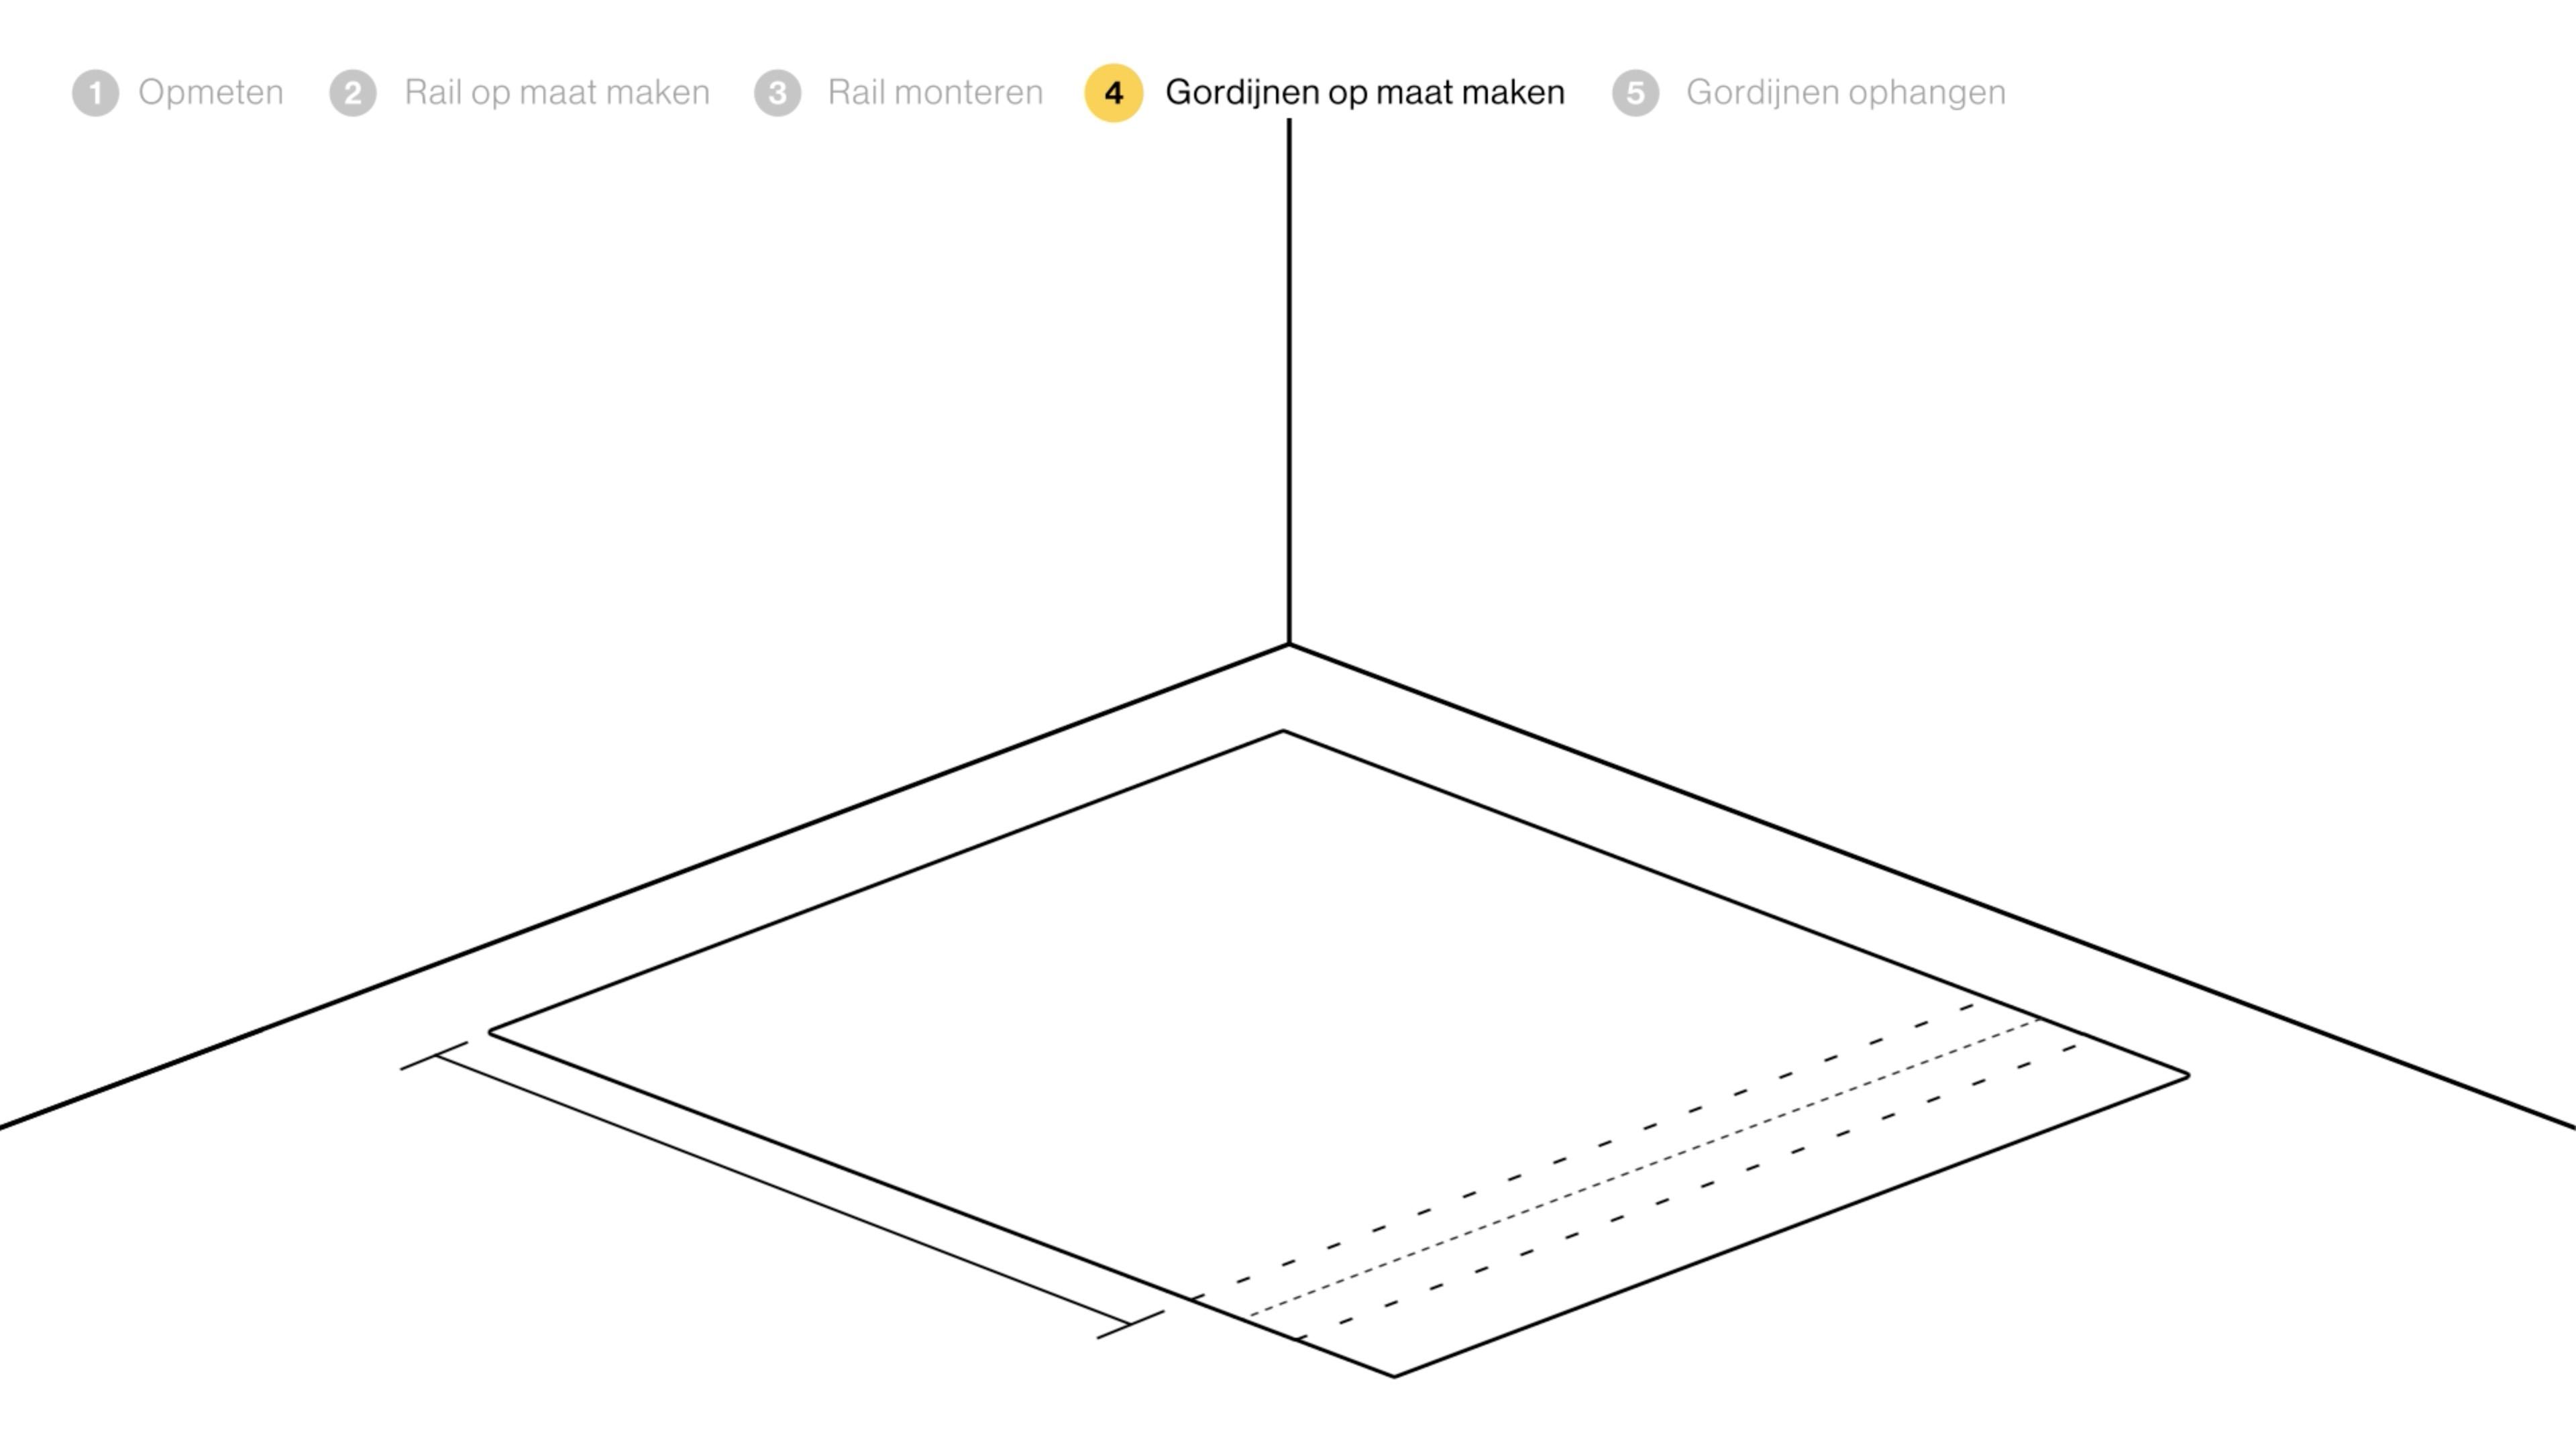 Stunning Gordijnen Korter Laten Maken Images - Huis & Interieur ...